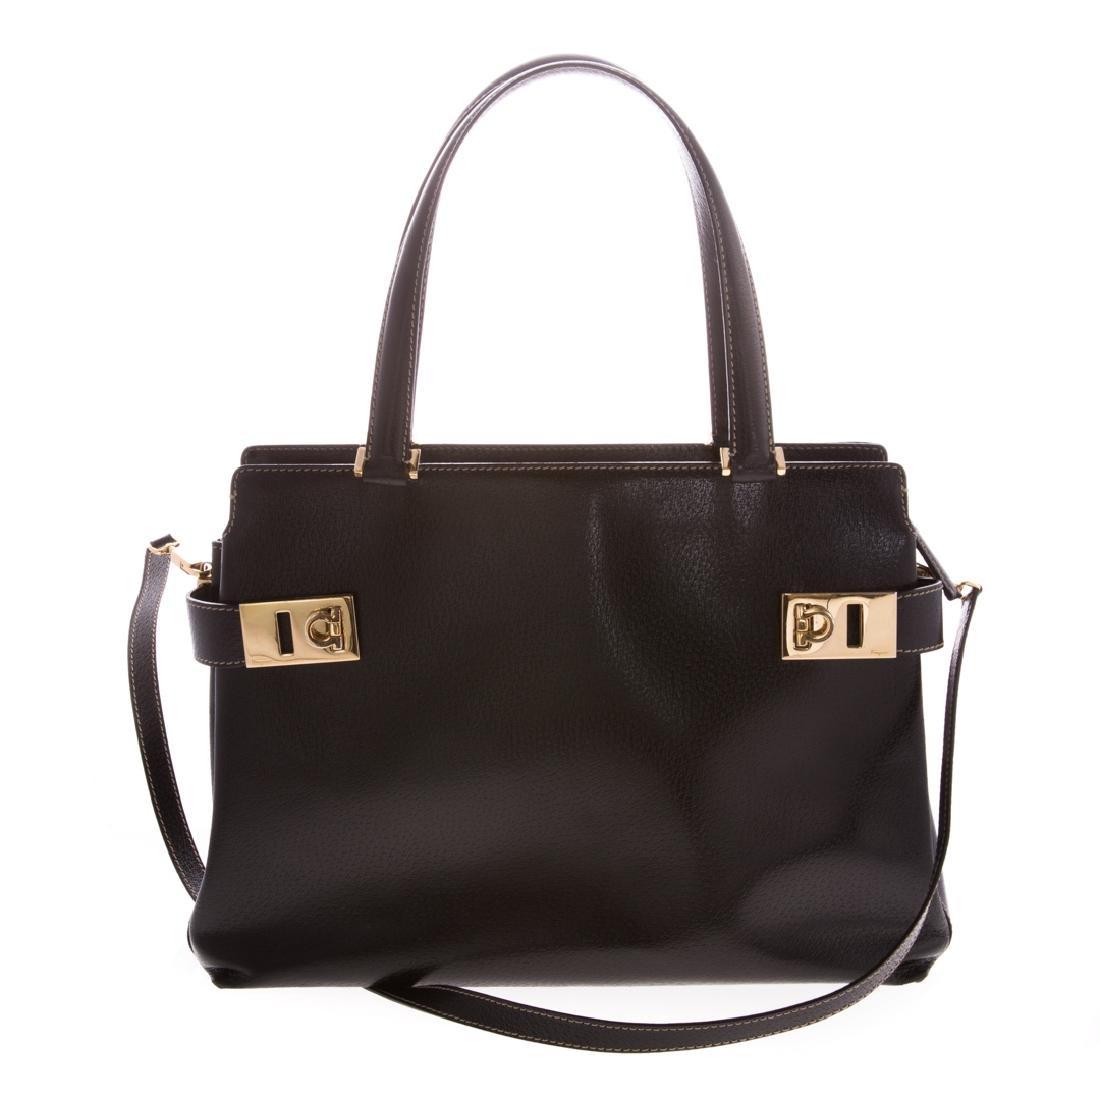 A Salvatore Ferragamo Gancini Handbag - 2